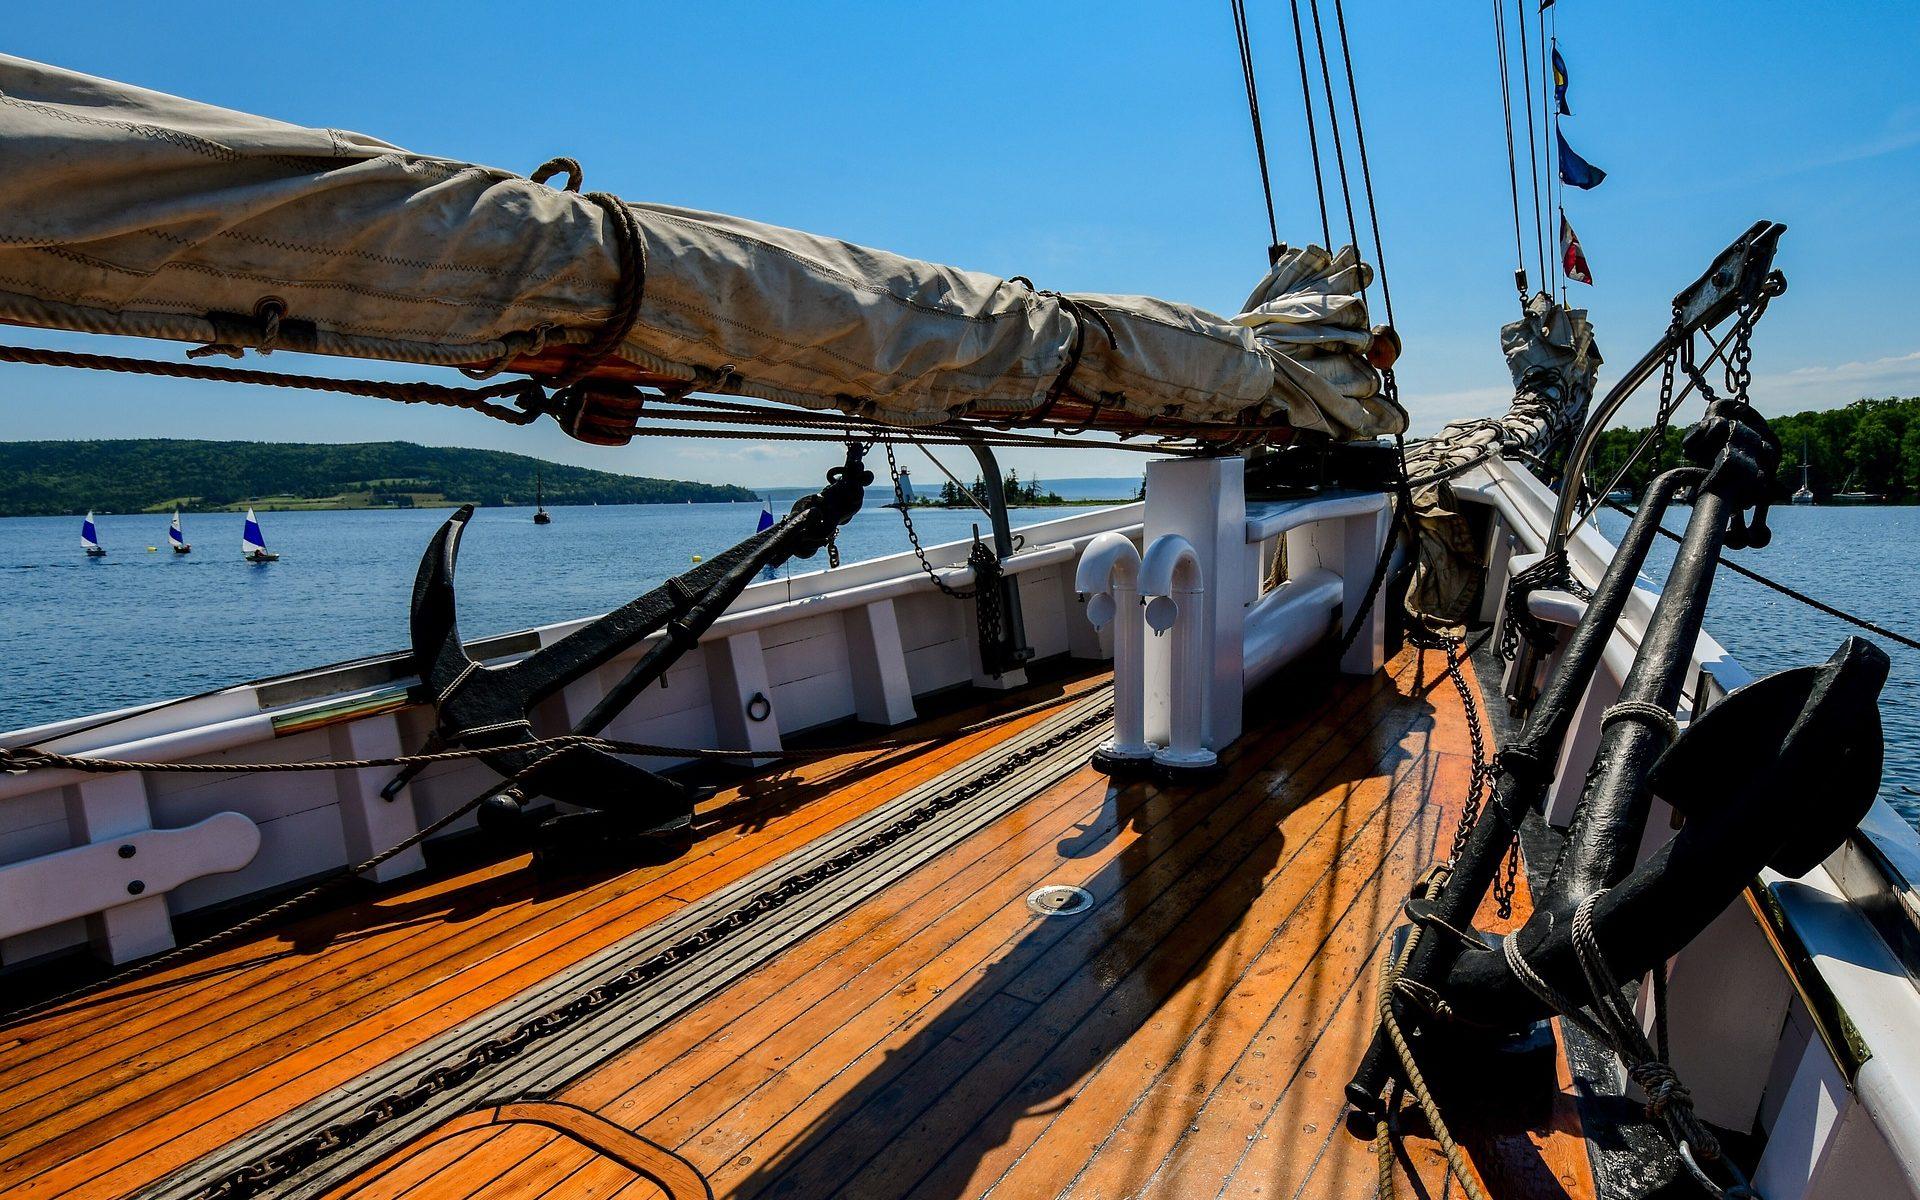 cambusa, barca a vela, navigazione